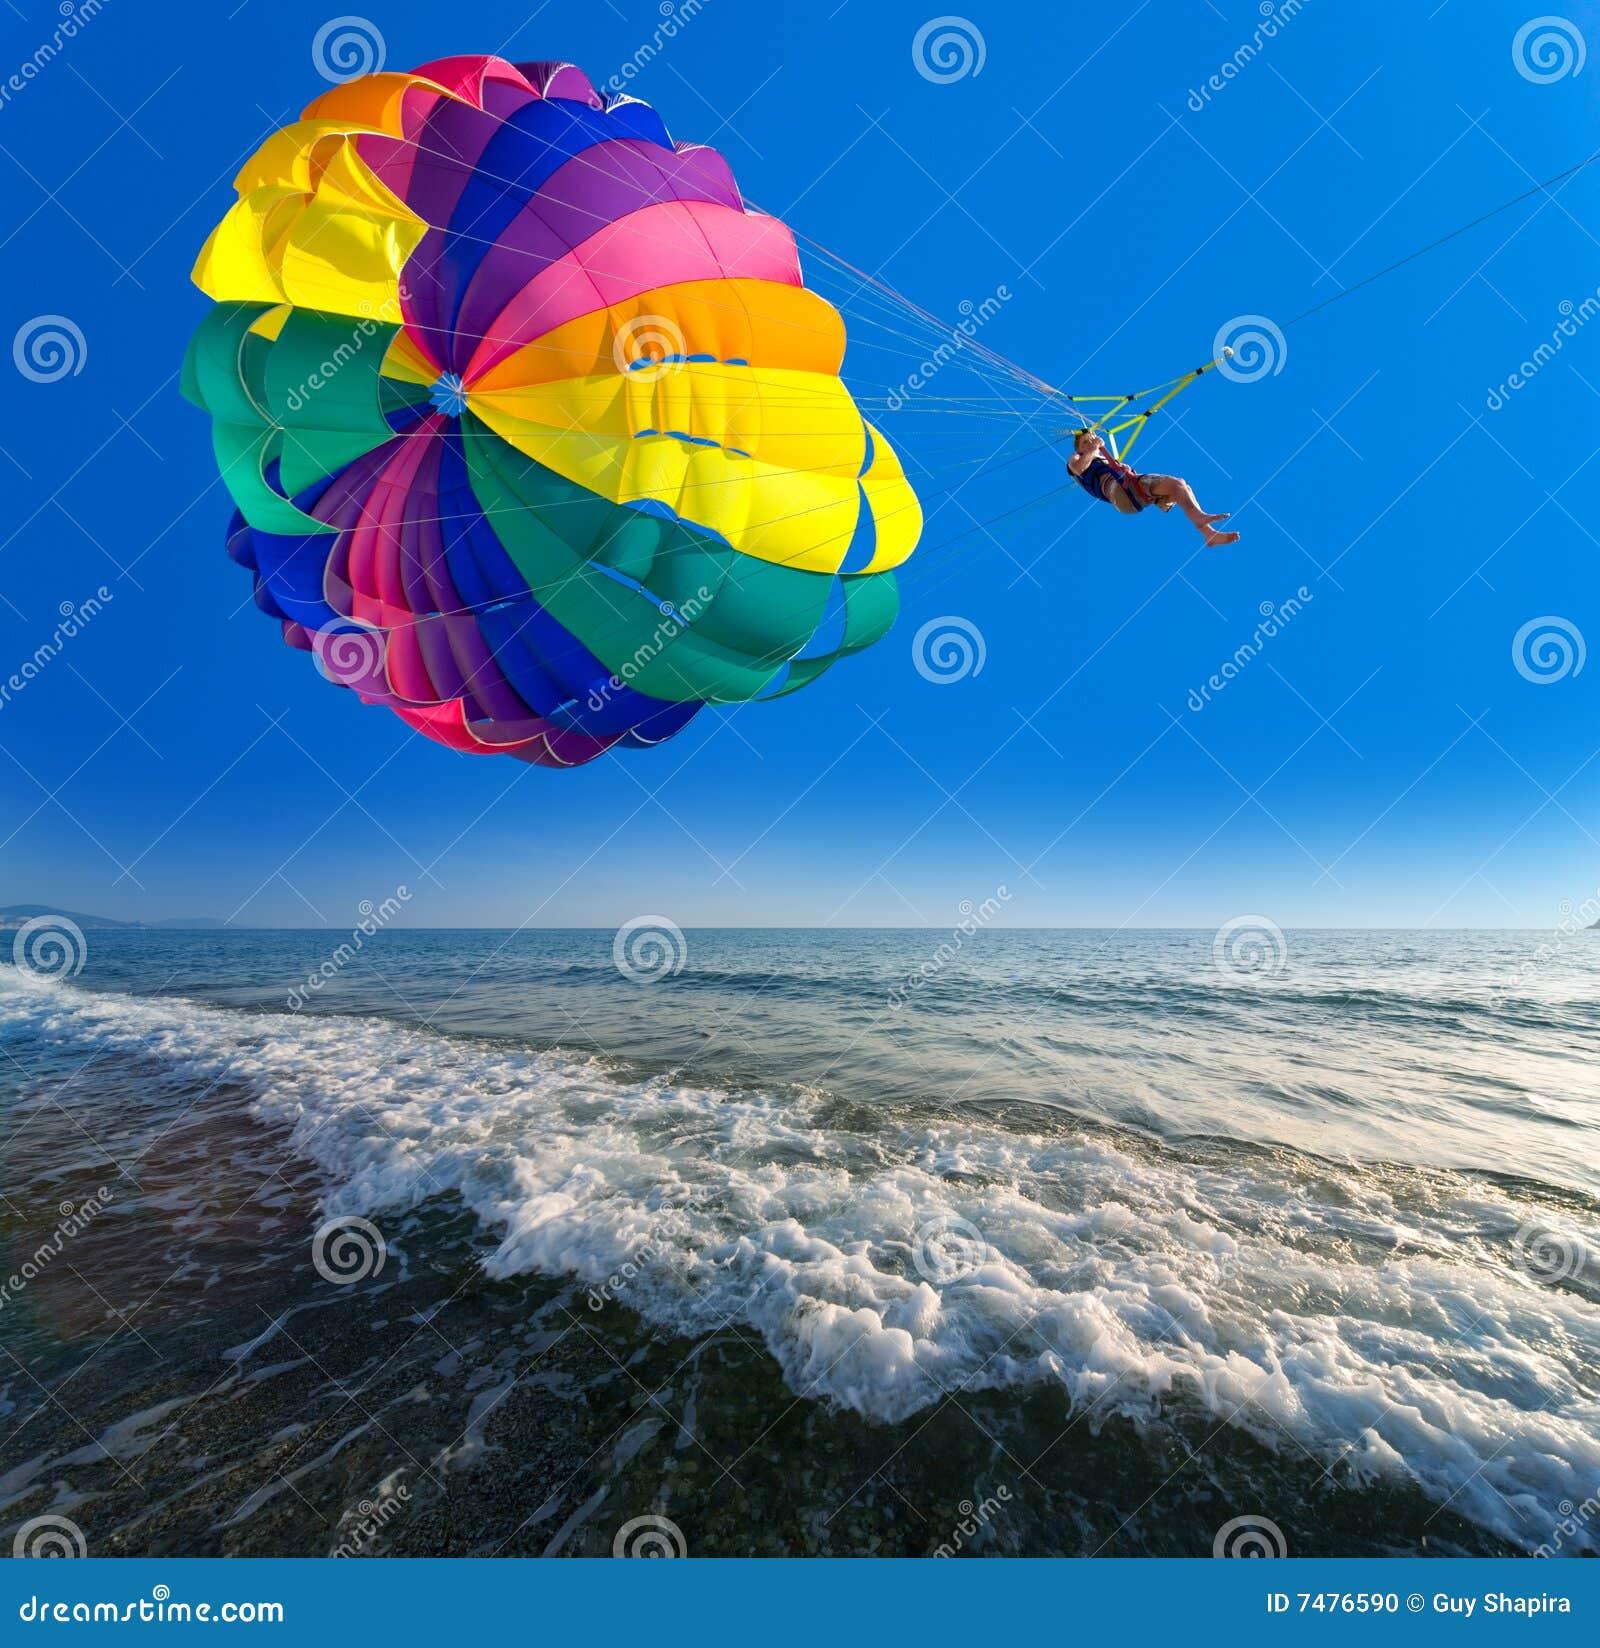 Man is parasailing